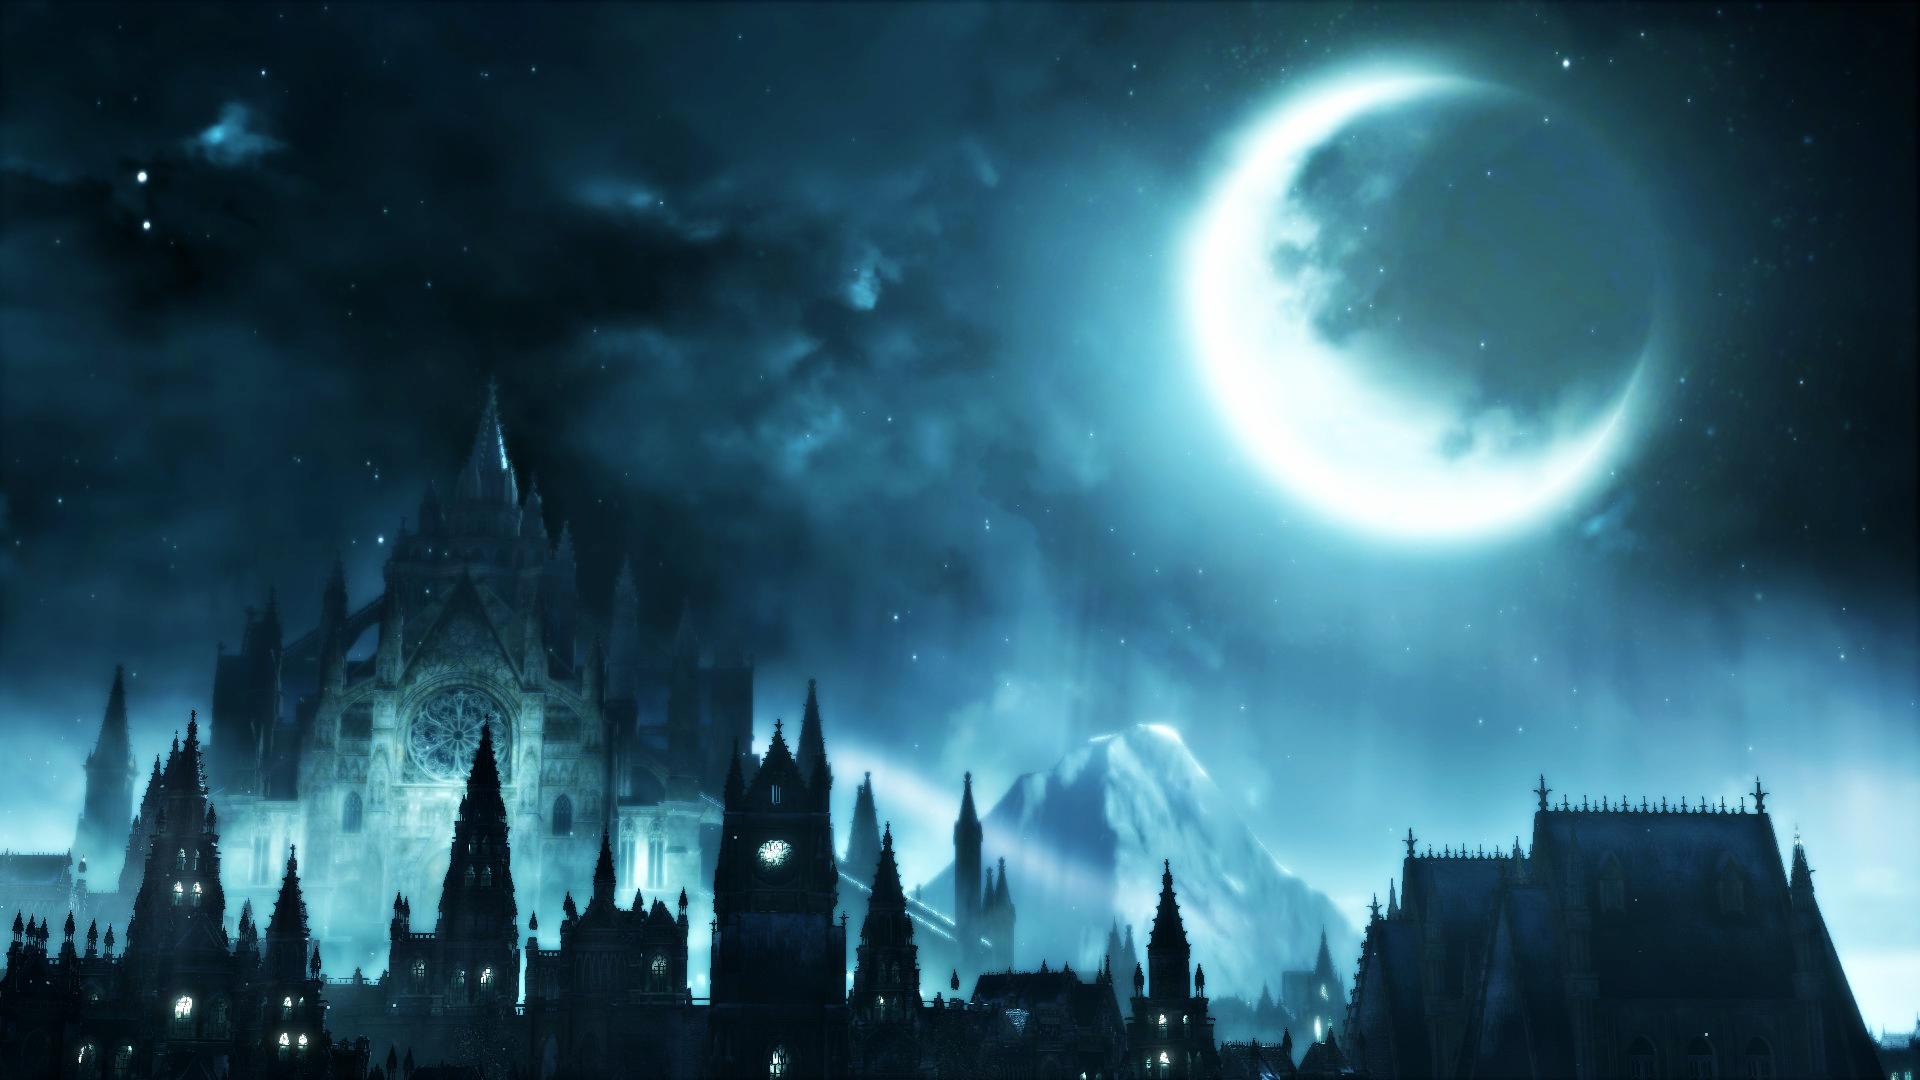 картинки фэнтези ночь луна замок только